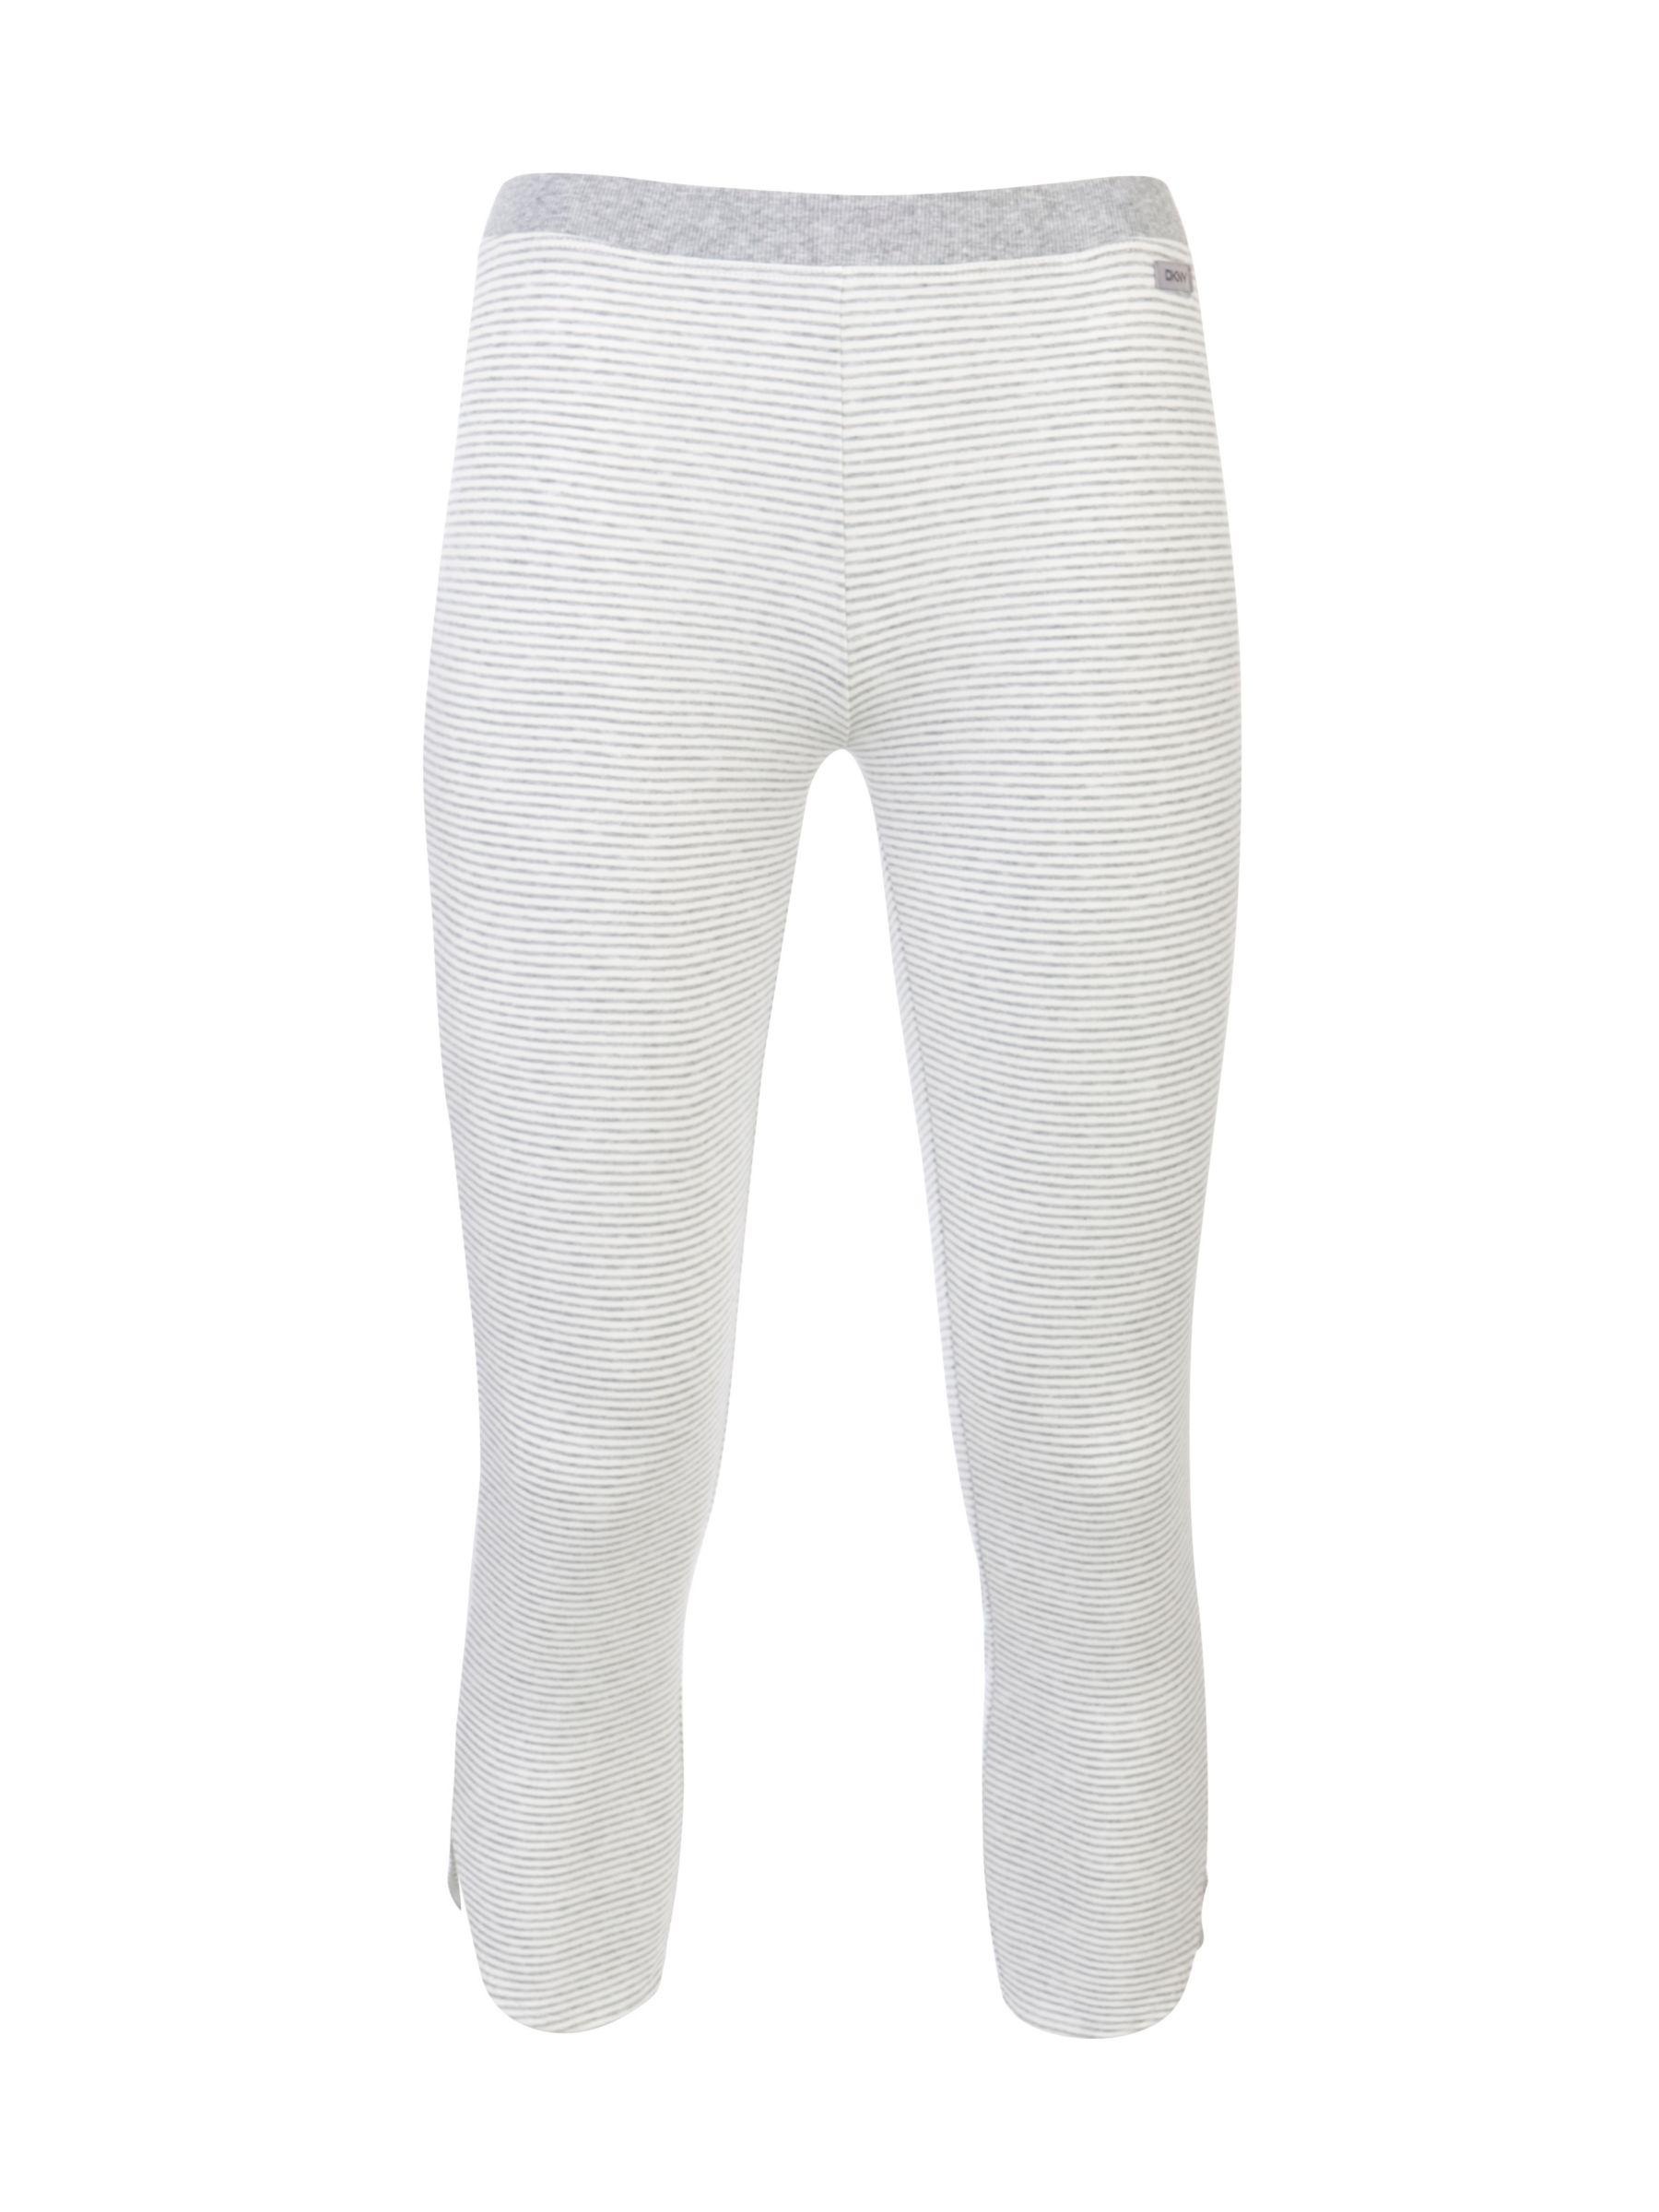 DKNY Capri Stripe Leggings, Grey